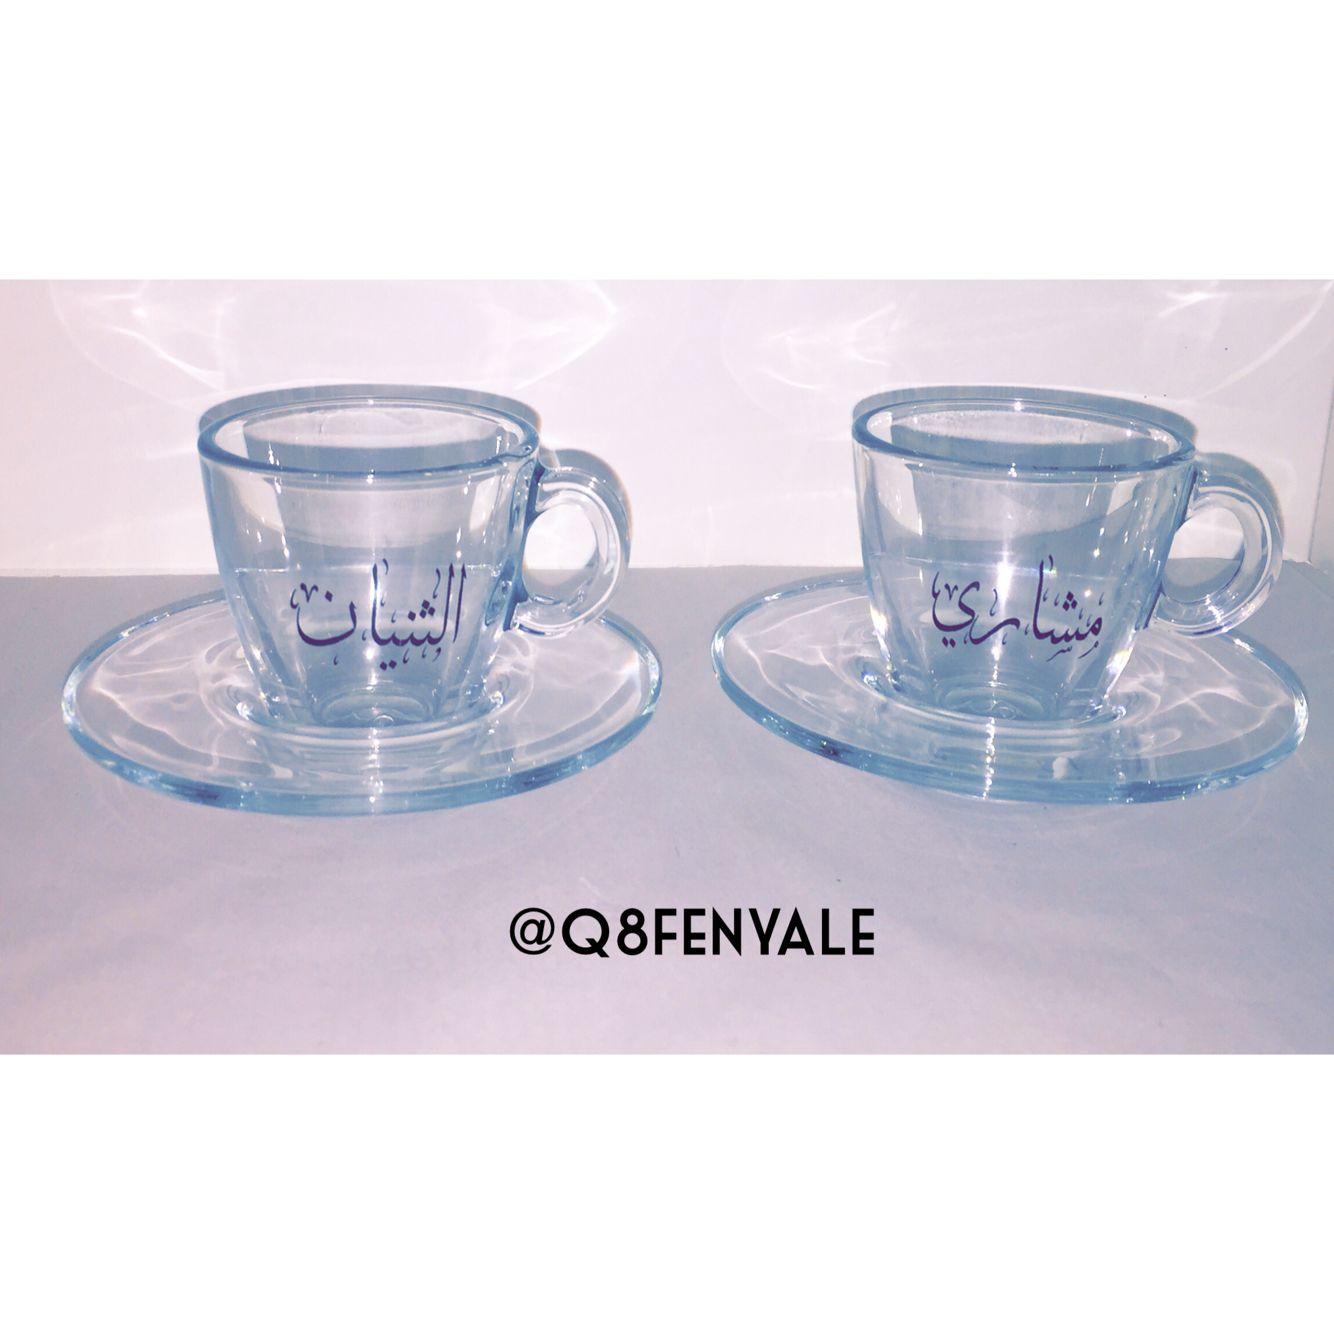 متجر فنيالي هو مشروع كويتي للطباعه الحراريه على الاواني المنزليه والكتابه على المباخر الخشب اكواب قهوه اسبرسو شفاف مع صحونهم ت Glassware Tableware